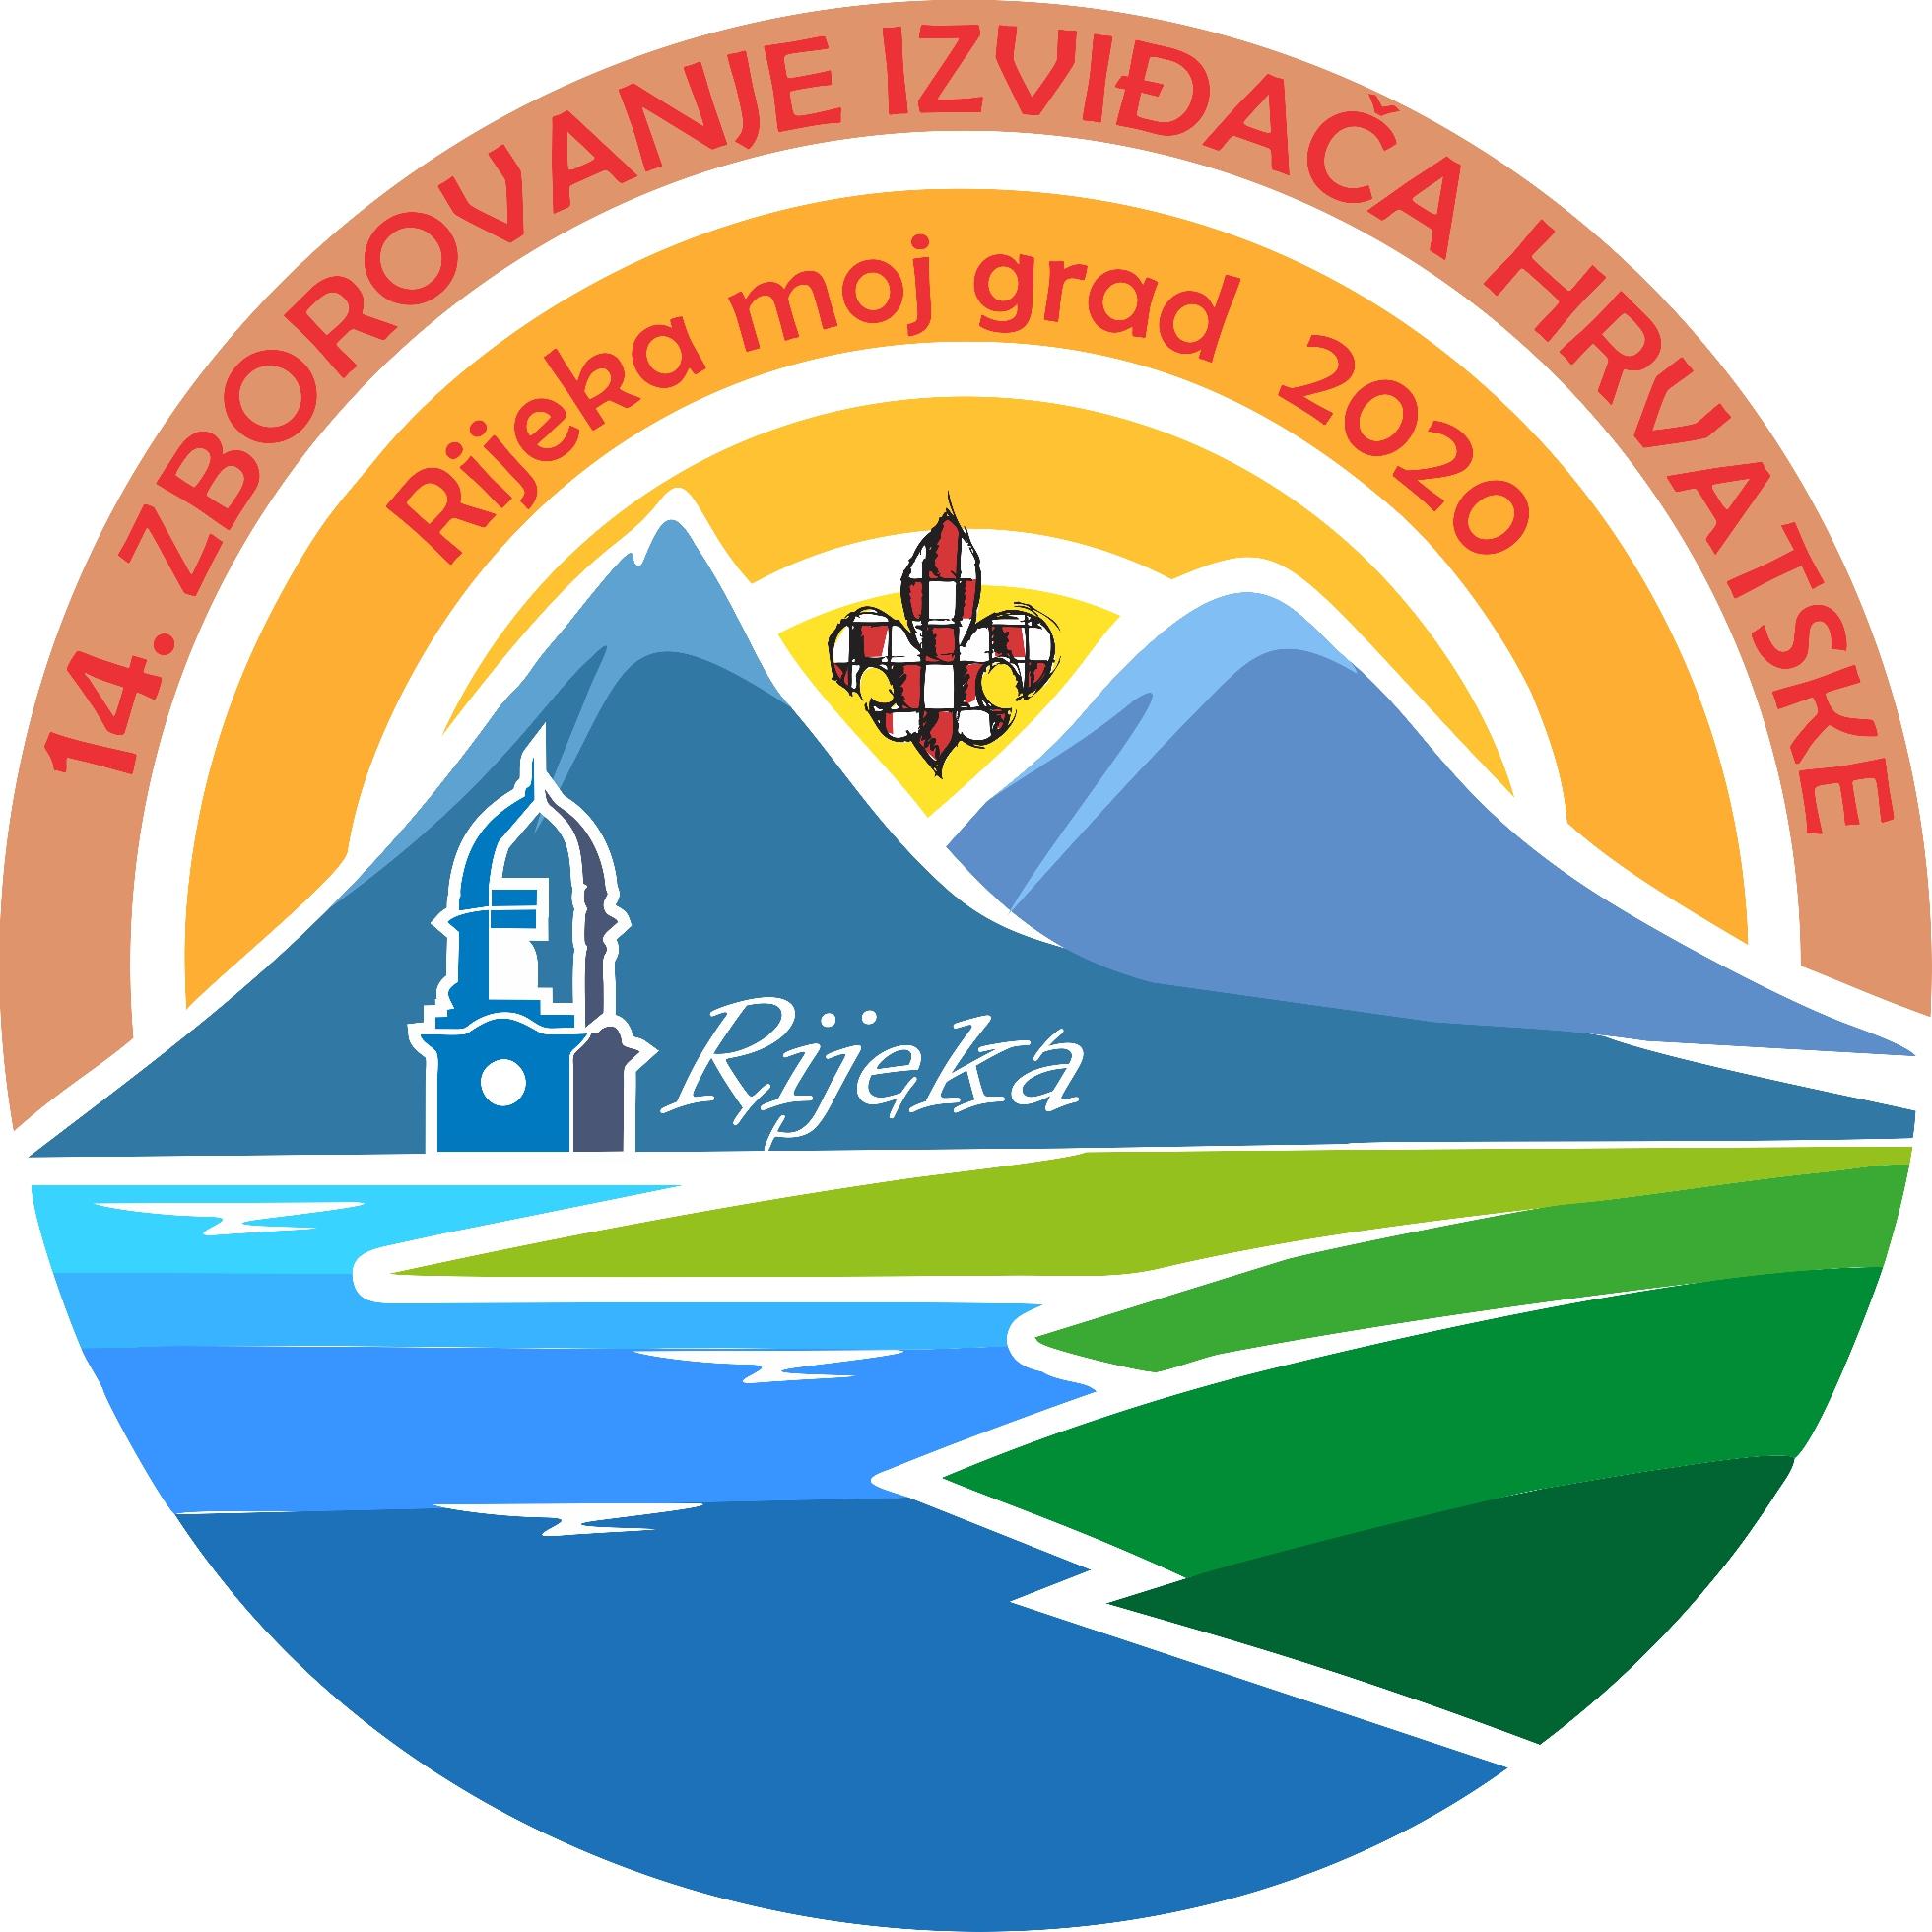 You are currently viewing Zborovanje izviđača u Rijeci